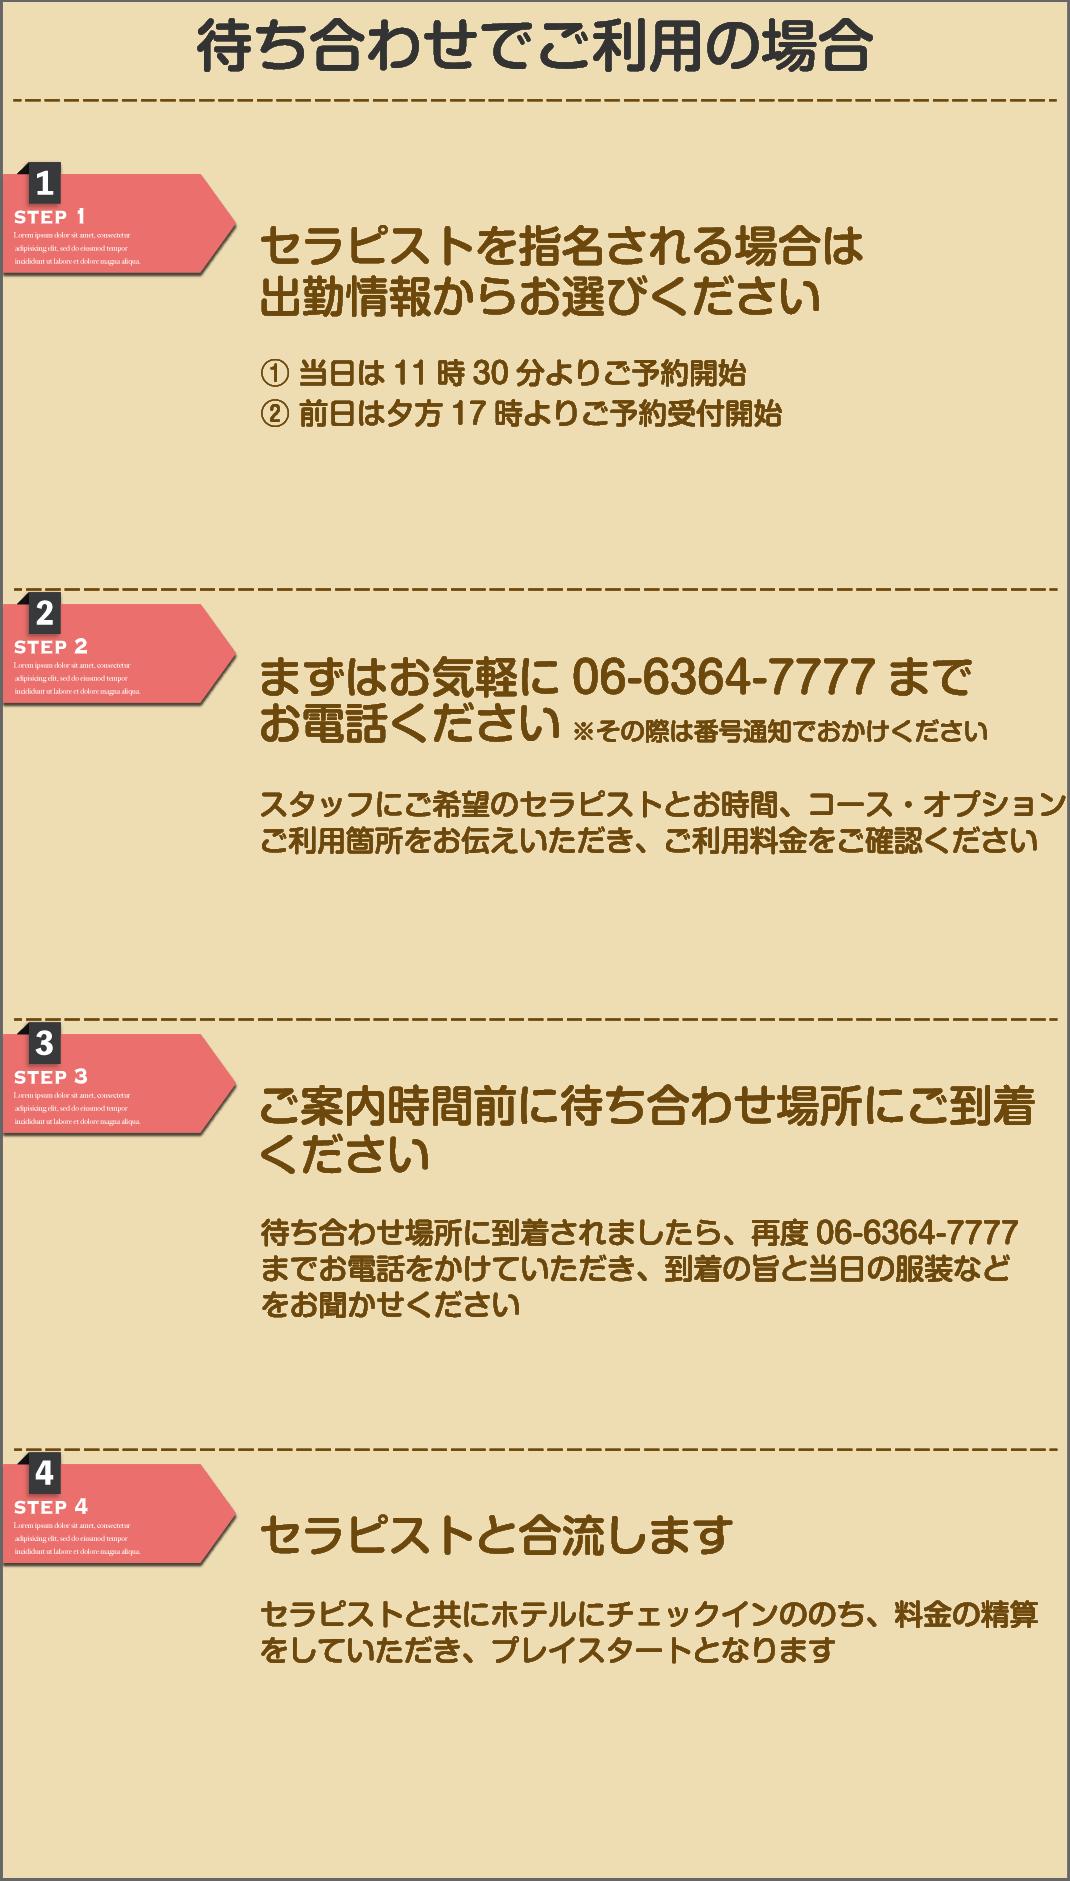 大阪梅田性感メンズエステRomanceAroma〜ロマンスアロマ〜公式サイト